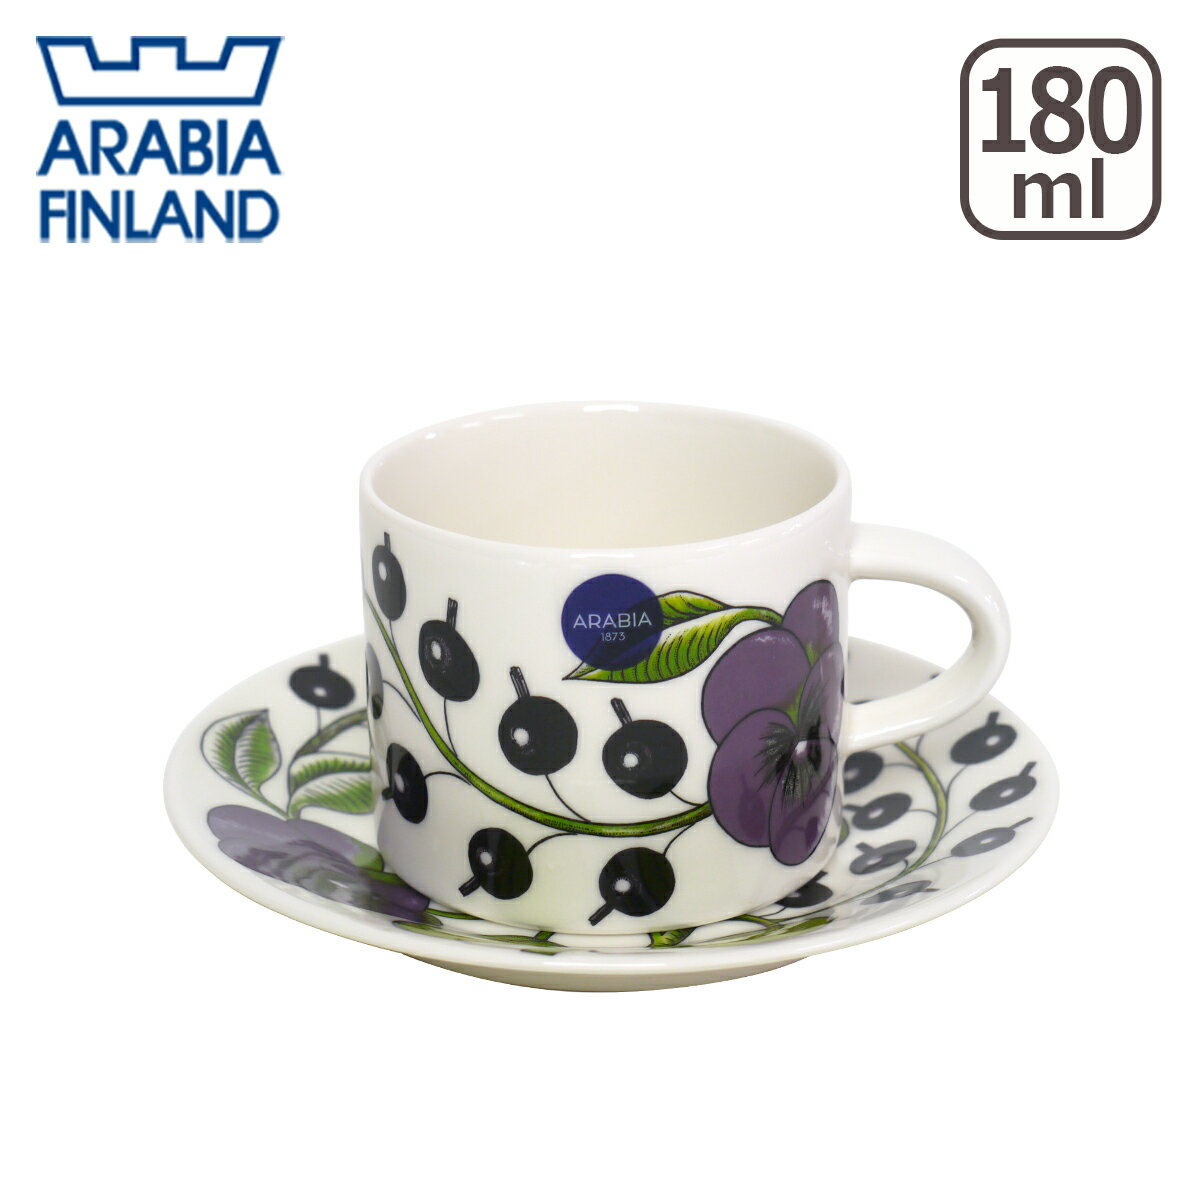 【Max1,000円OFFクーポン】アラビア(Arabia) パラティッシ(Paratiisi) パープル コーヒーカップ&ソーサー 北欧 食器 ギフト・のし可 GF3